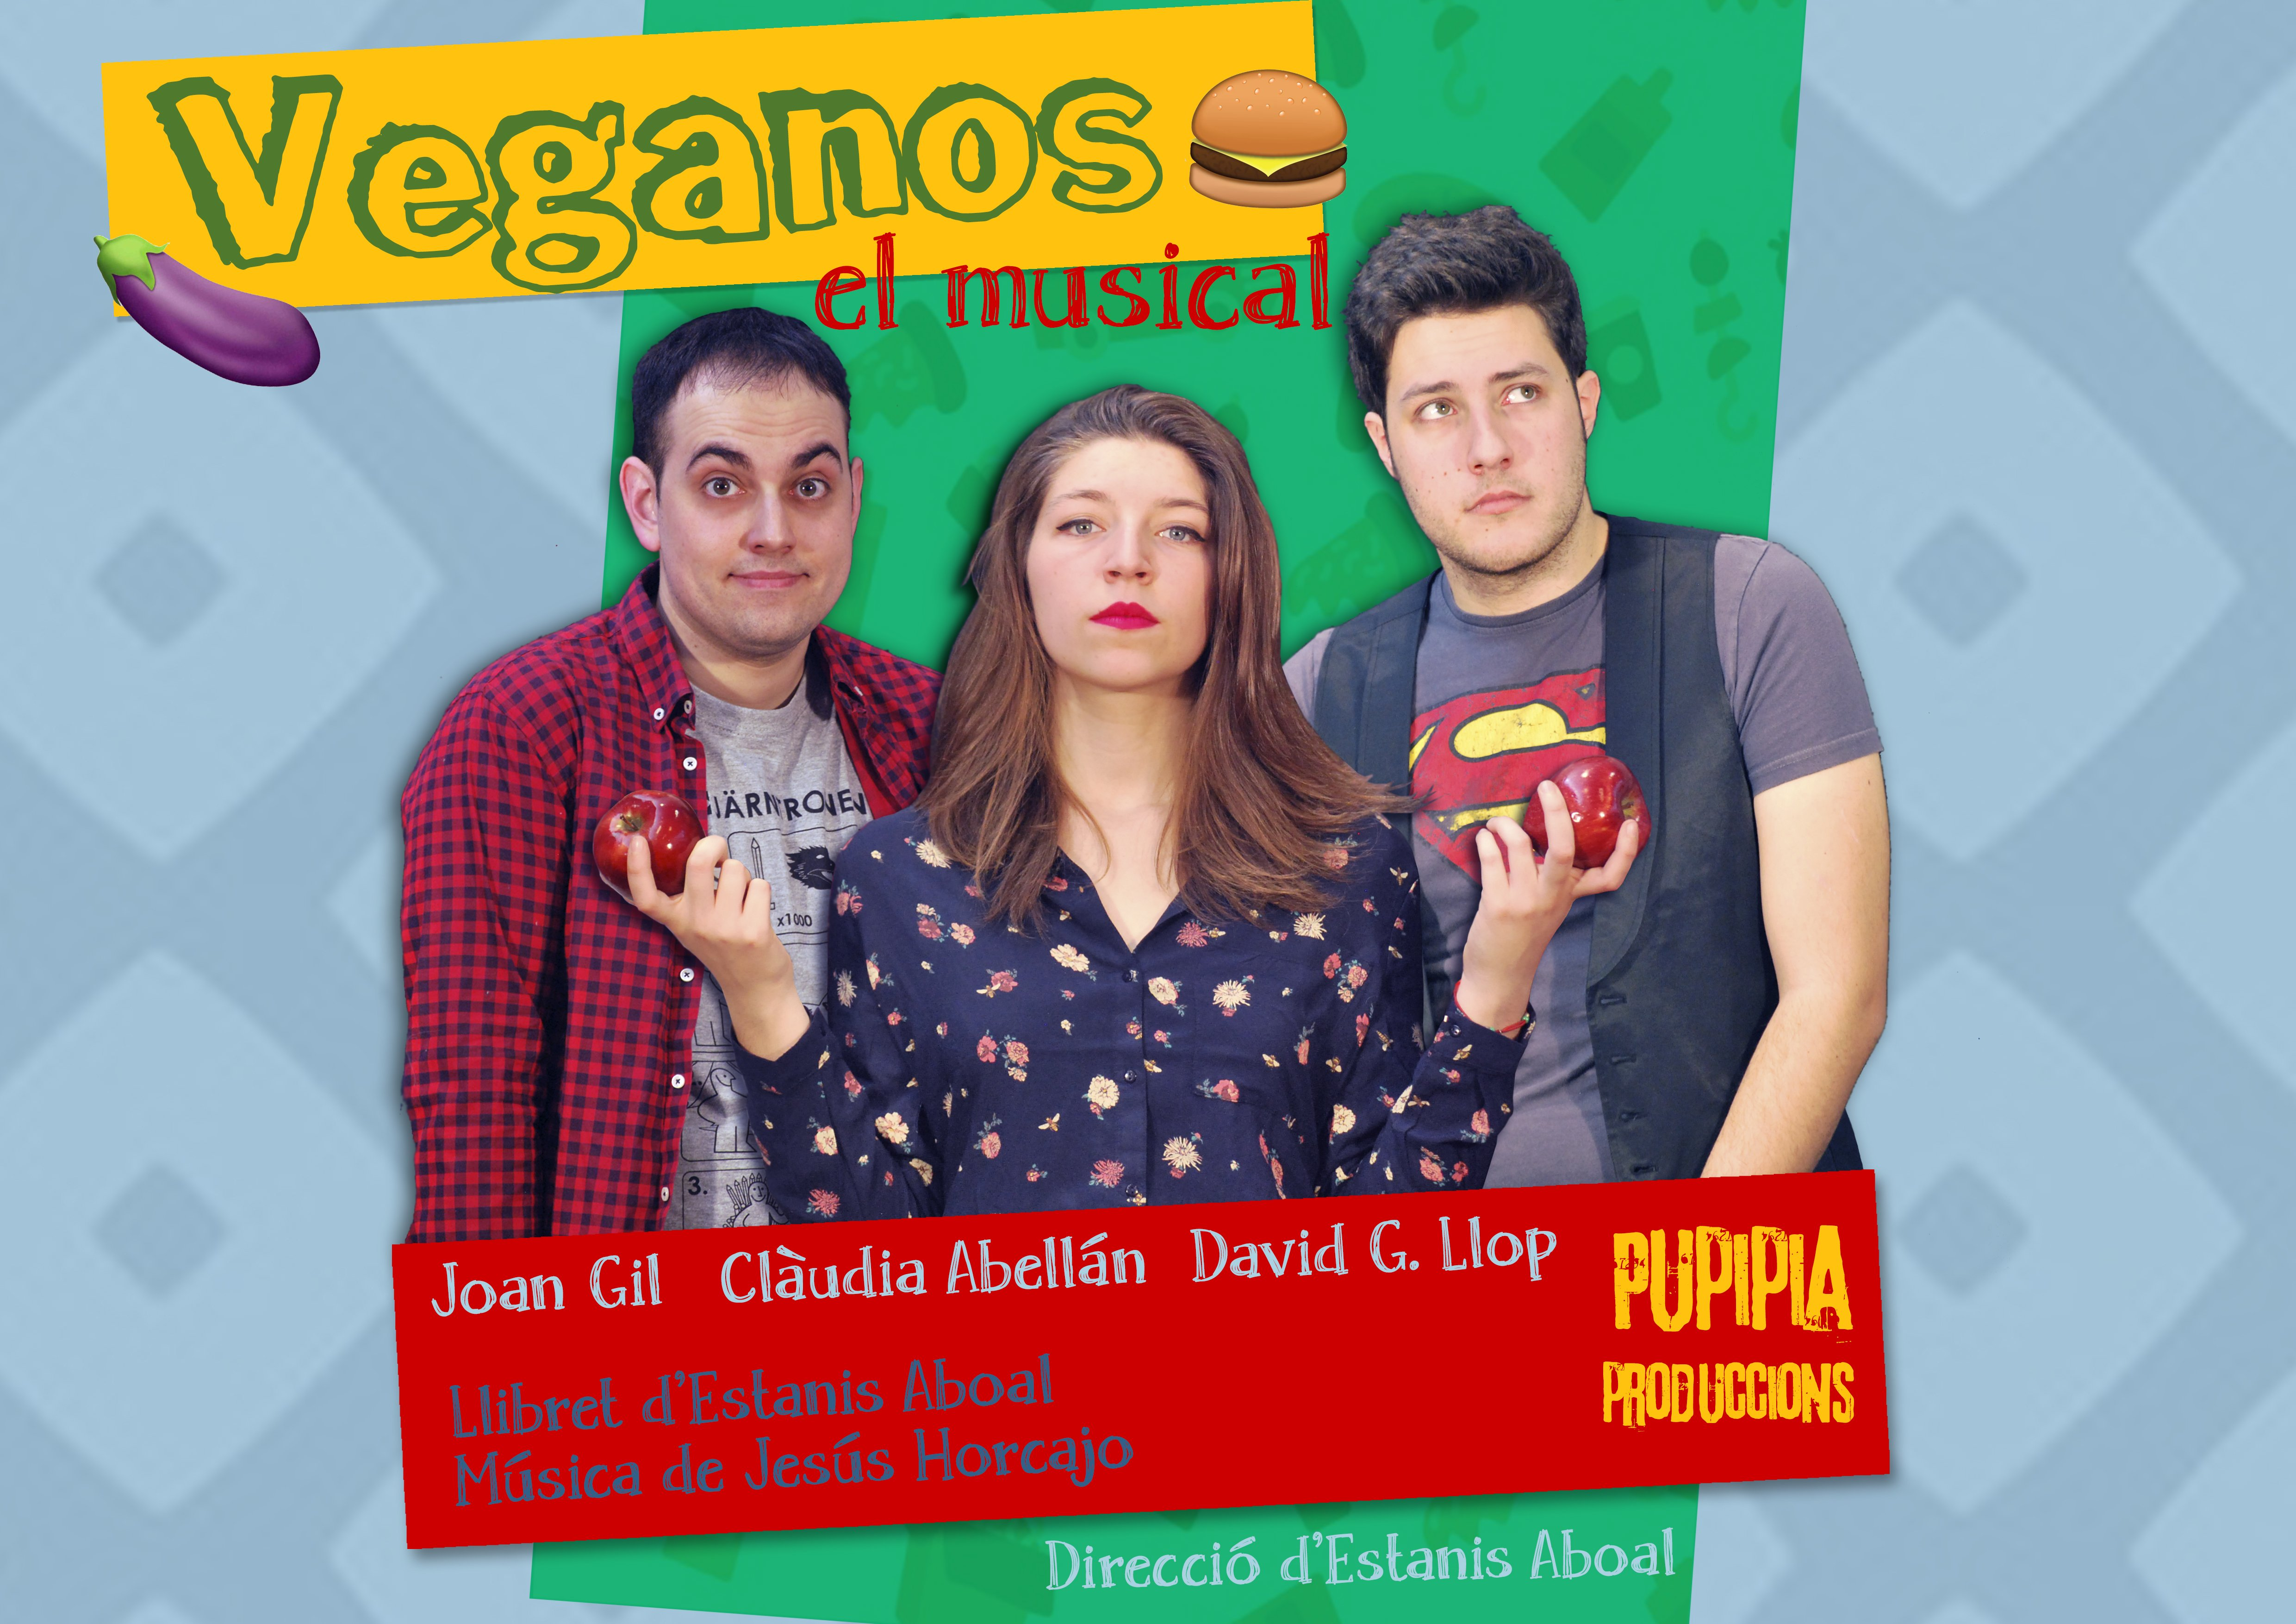 Veganos, el musical